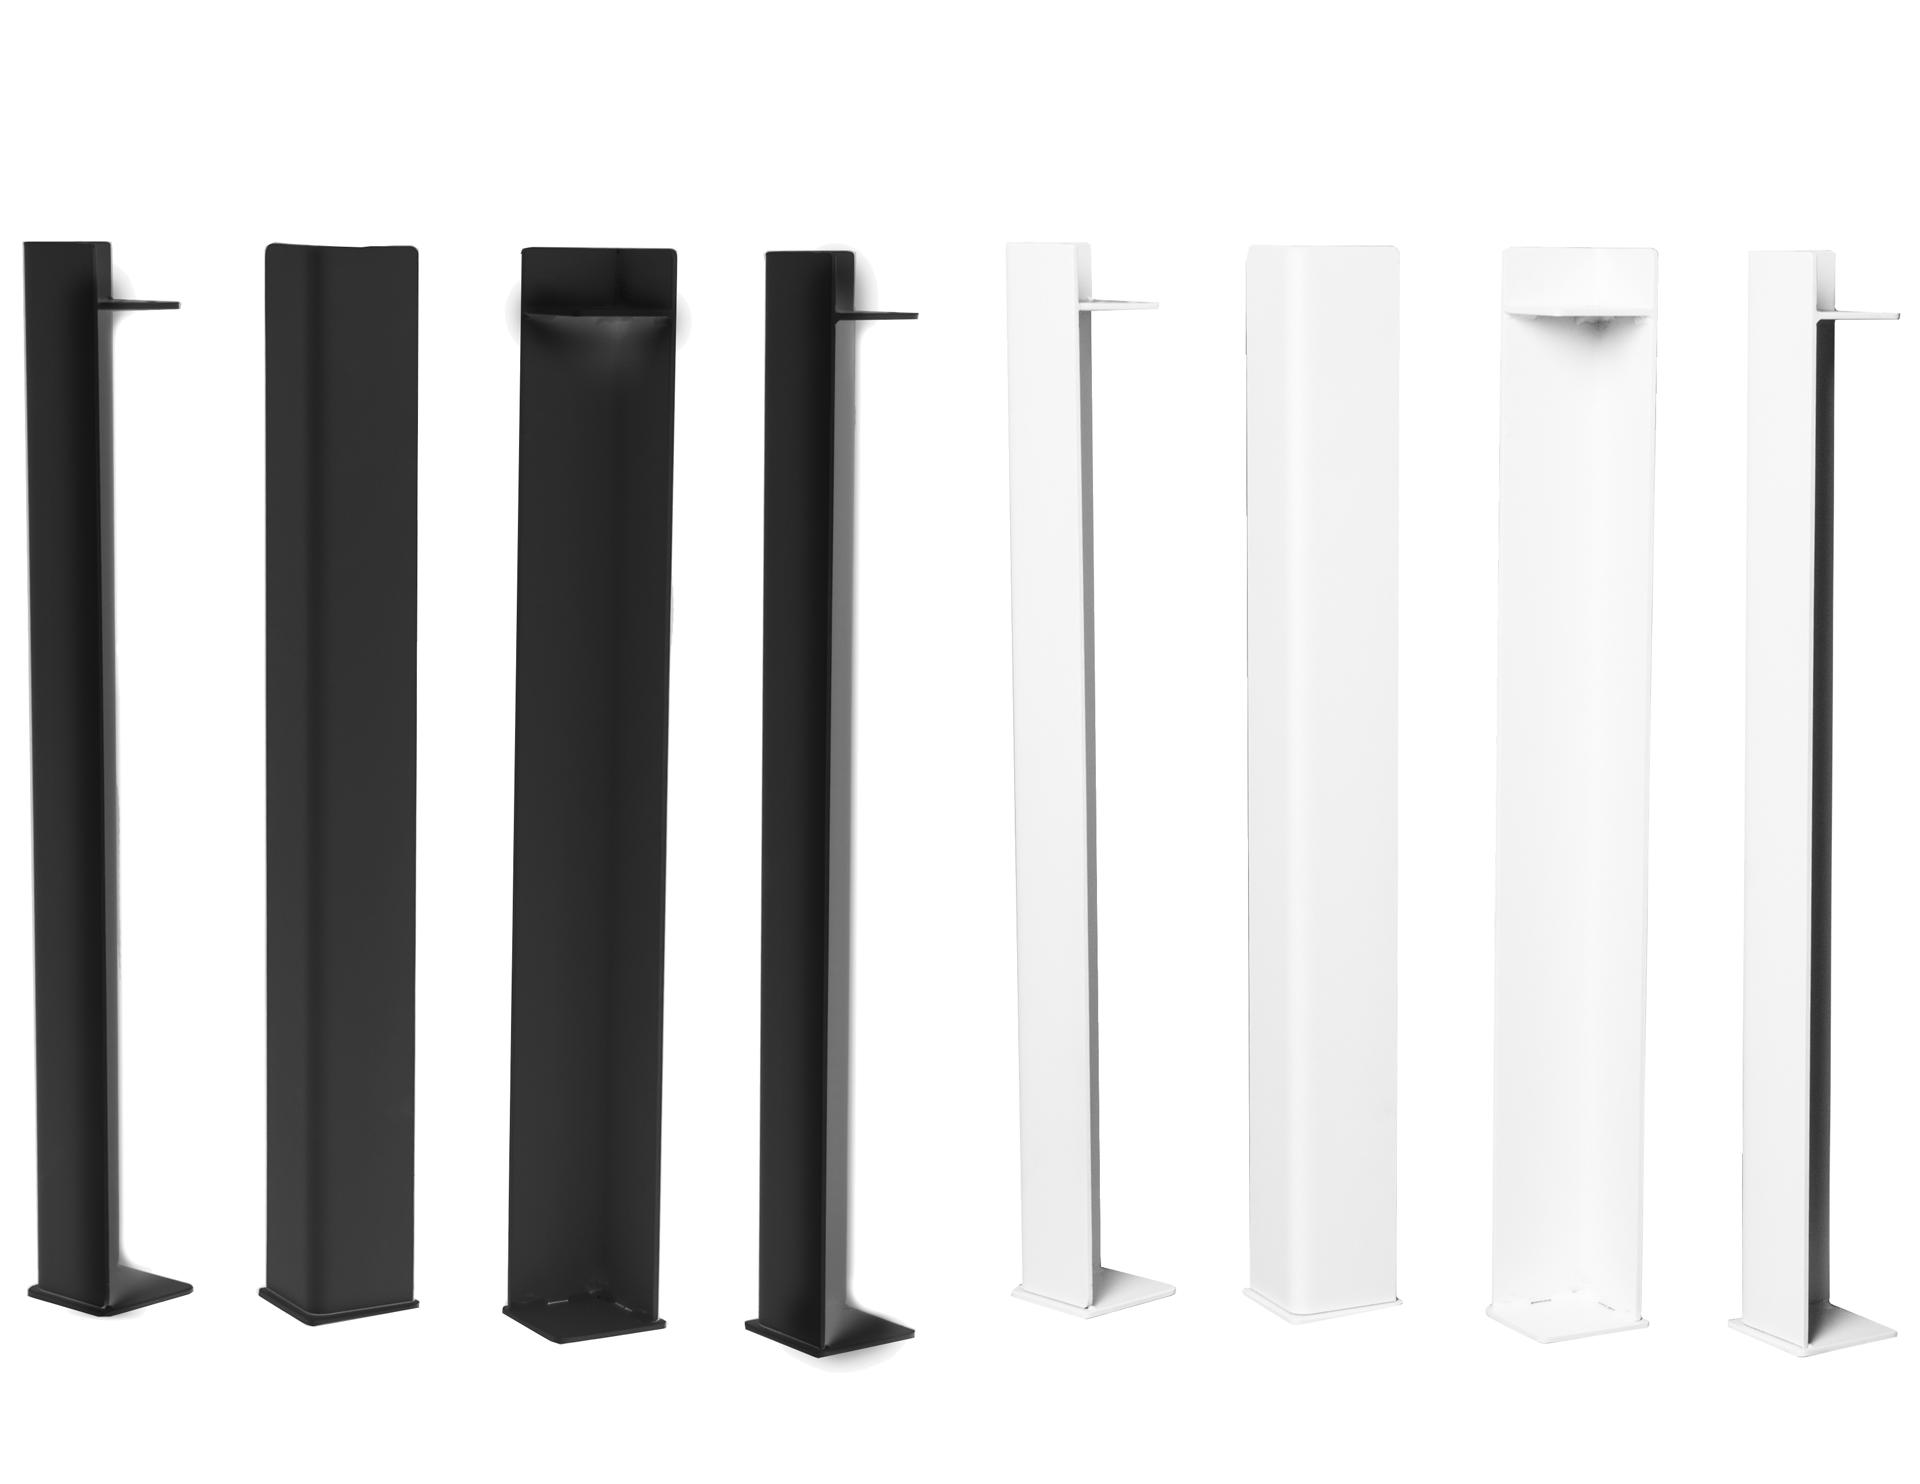 tischbeine schwarz weiss metall nook altholztische. Black Bedroom Furniture Sets. Home Design Ideas